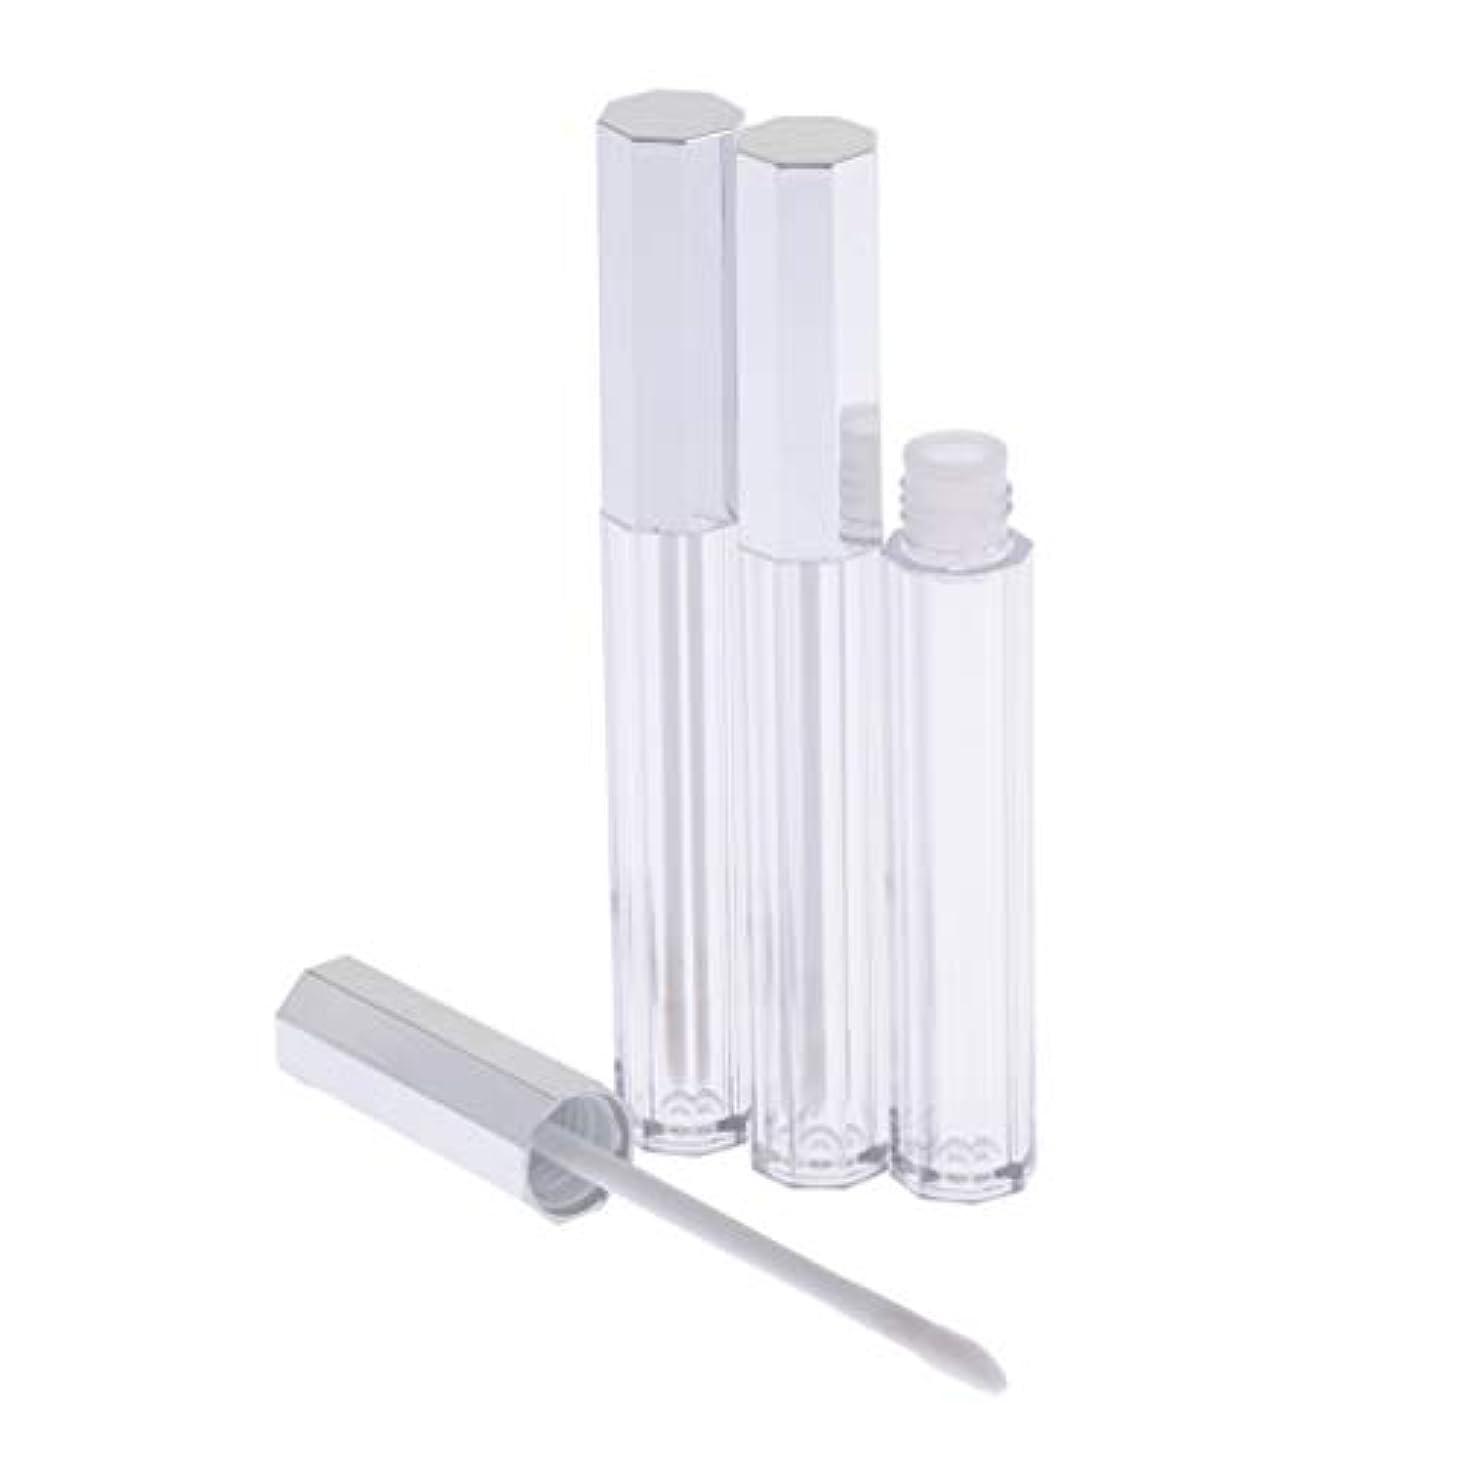 作家支配的誇りに思うT TOOYFUL リップグロス 容器 チューブ 口紅 容器 空 プラスチック リップグロスボトル 5ml 3個セット